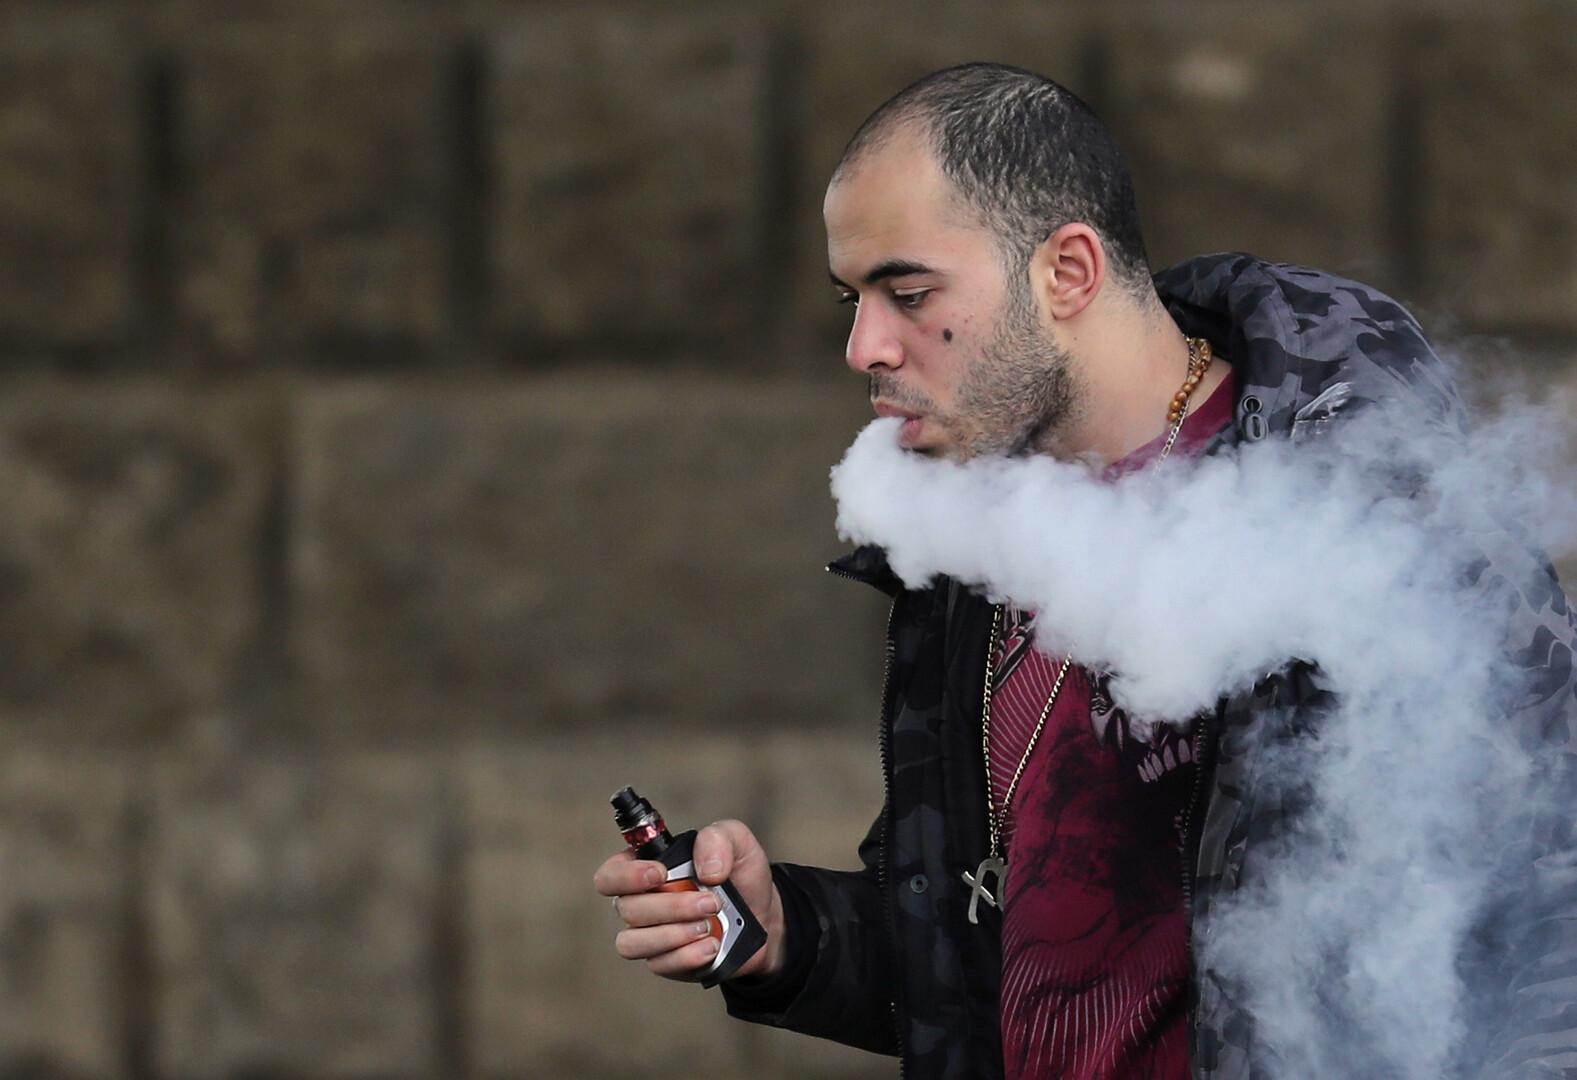 ارتفاع عدد ضحايا السجائر الإلكترونية في الولايات المتحدة إلى خمسة